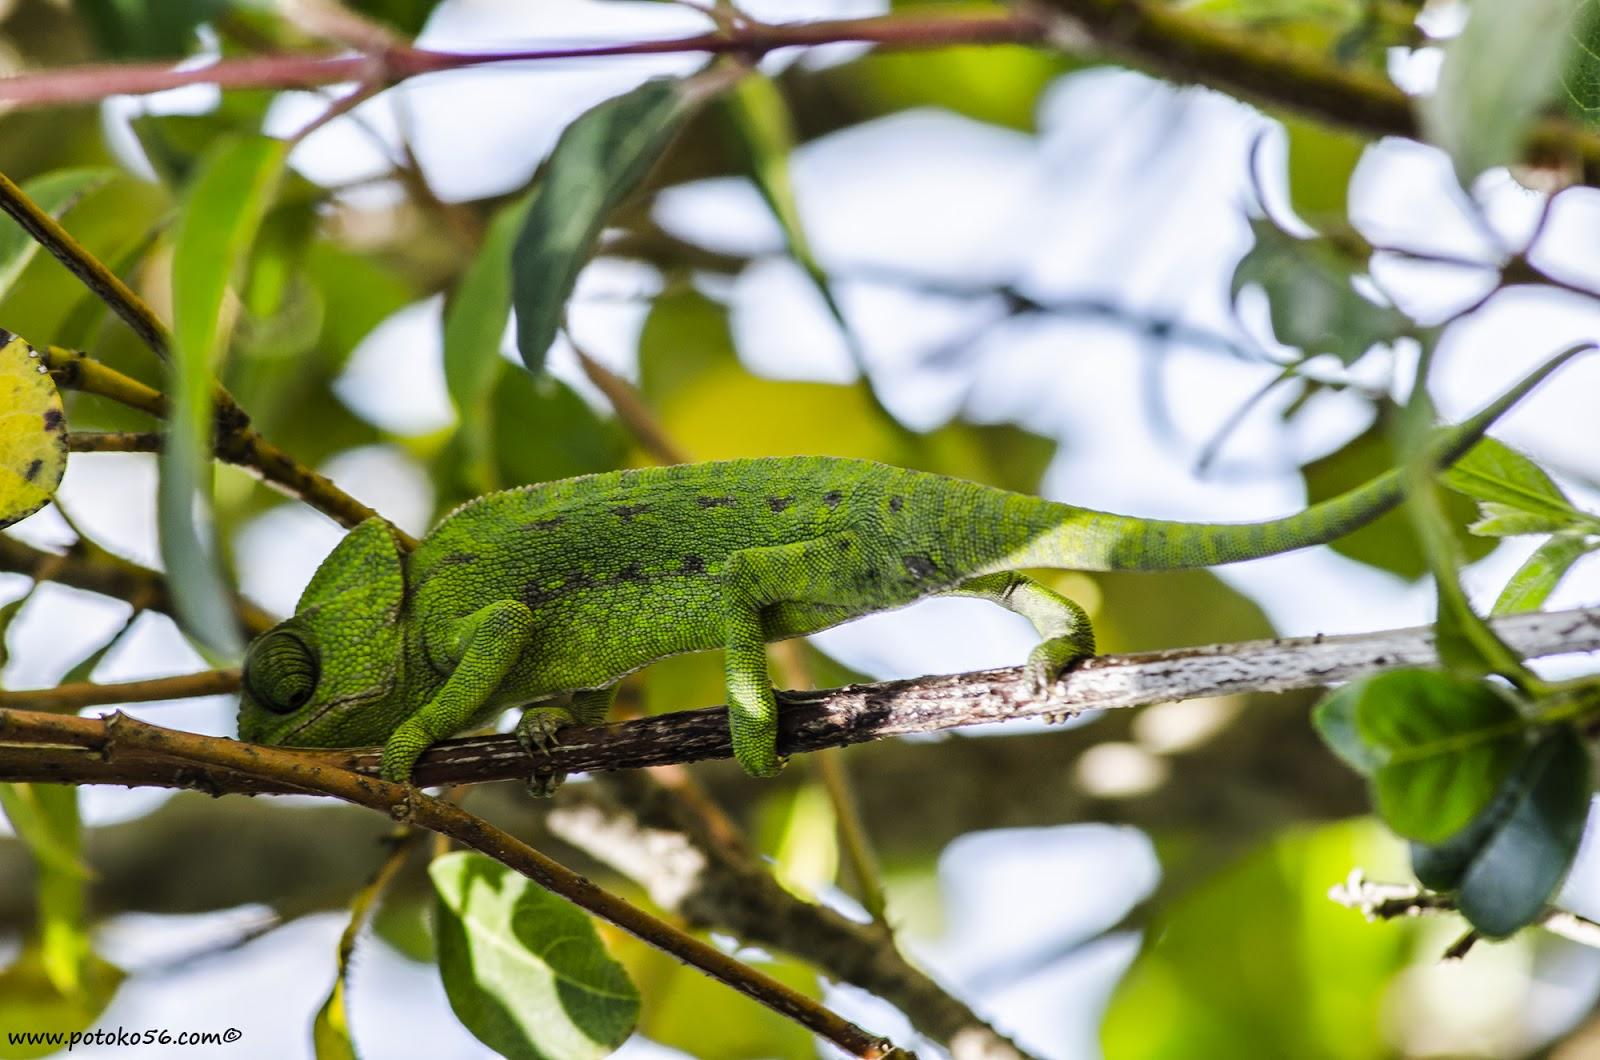 Parapetado en la rama un Camaleón Roteño espera que algún insecto se coloque para con su larga lengua ser engullido